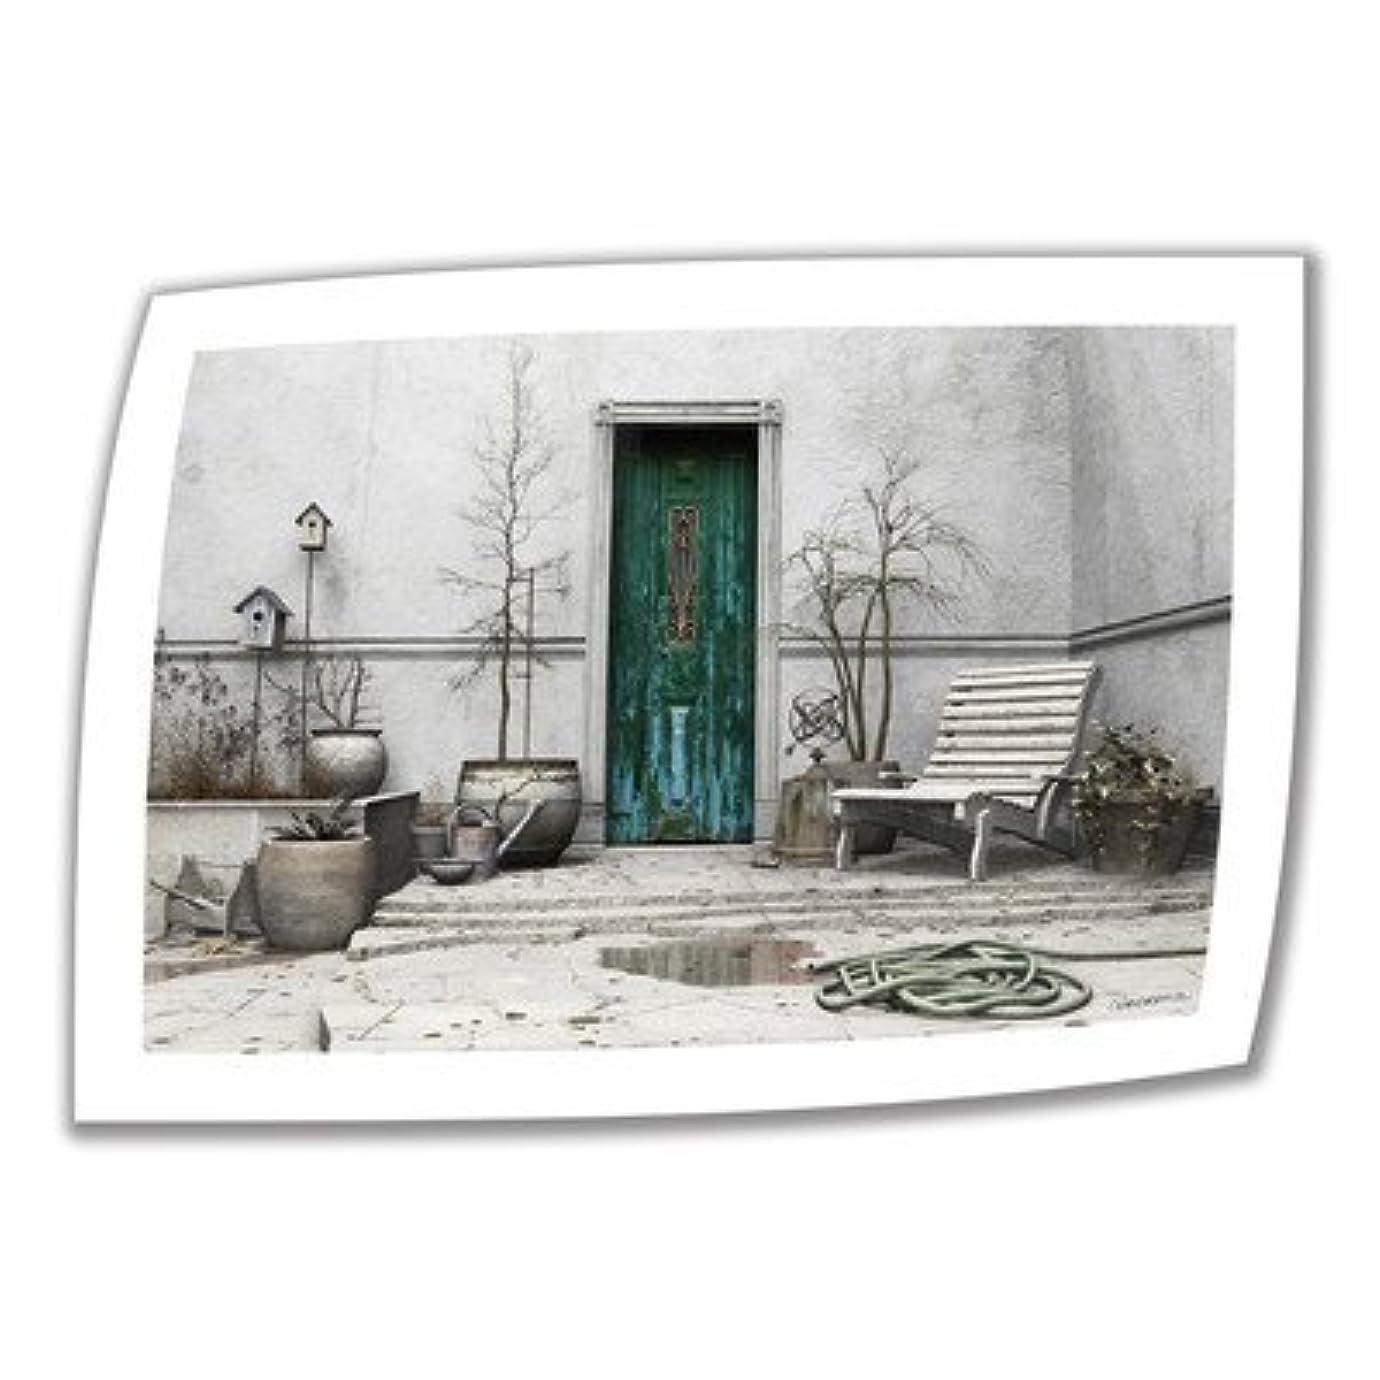 タブレットトレイ植生Cynthia Decker アートウォールウィンターガーデン 50.8×71.12cm ラップなしキャンバスアート 5.08cmアクセントボーダー